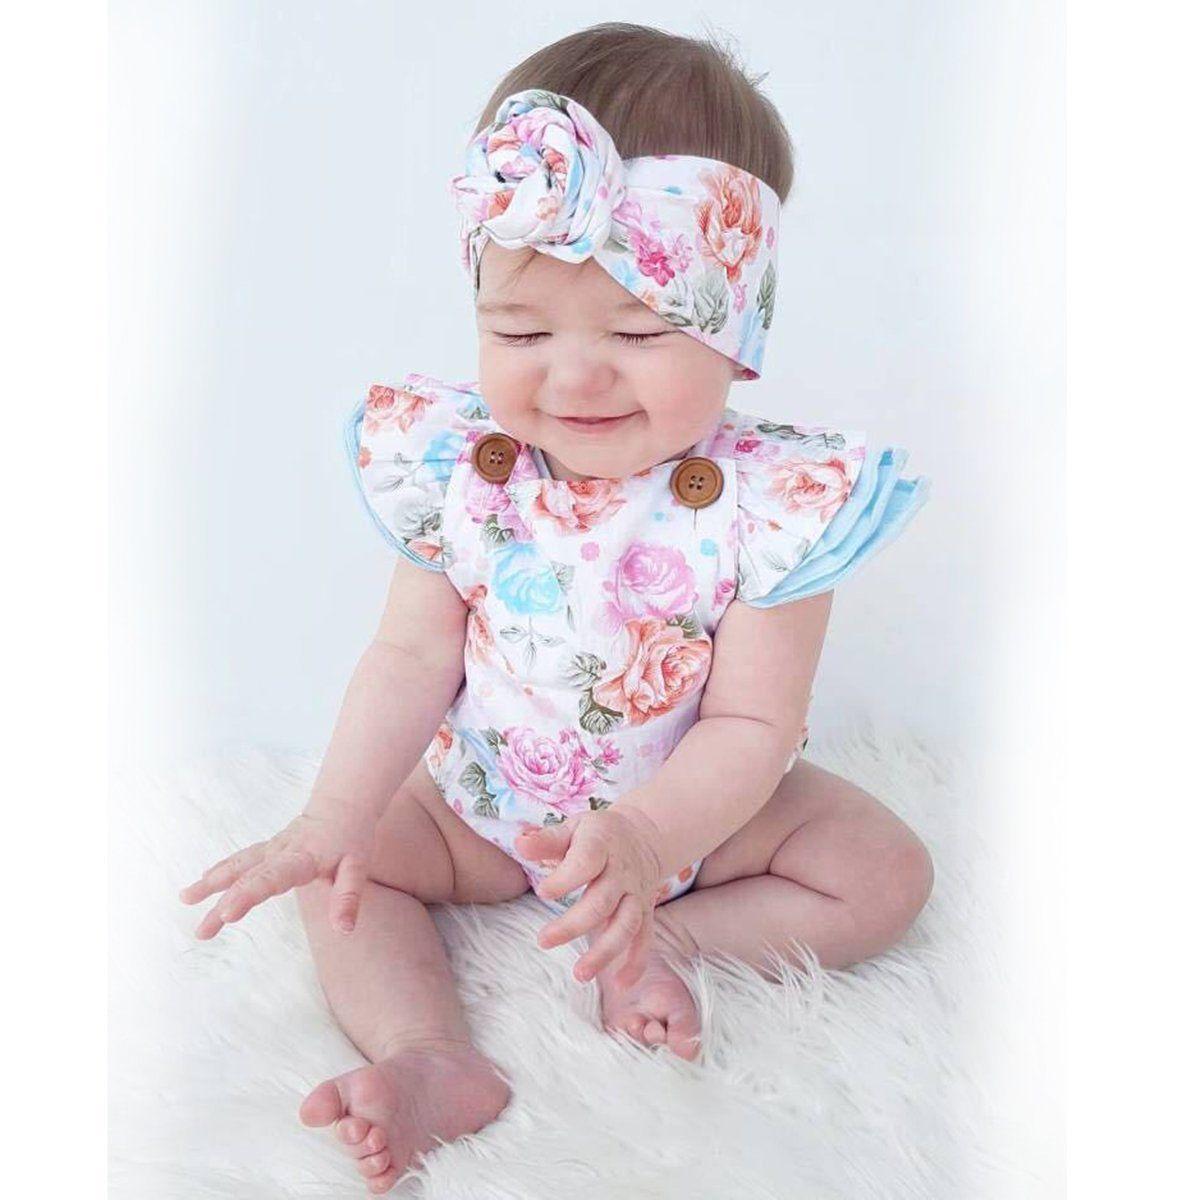 2 STKS Pasgeboren Baby Kids Baby Meisje Romper Jumpsuit + Hoofdband - Babykleding